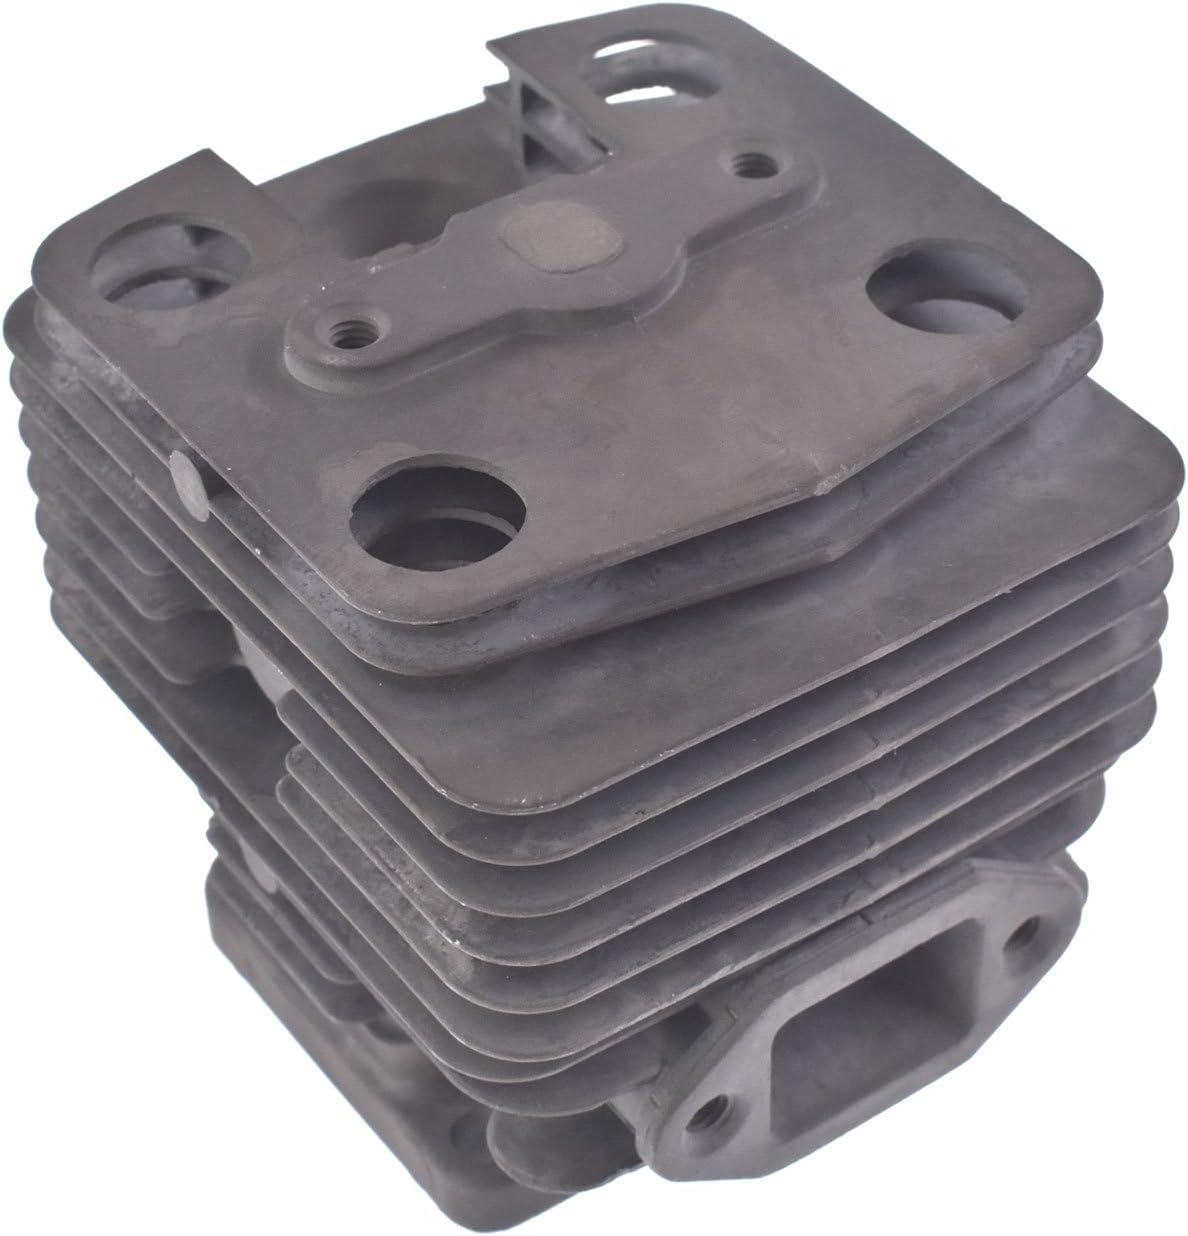 JRL Zylinder Assy Kolben Replica Schalld/ämpfer Rep Board f/ür Zenoah bc3410fw bc4310fw Brushcutter